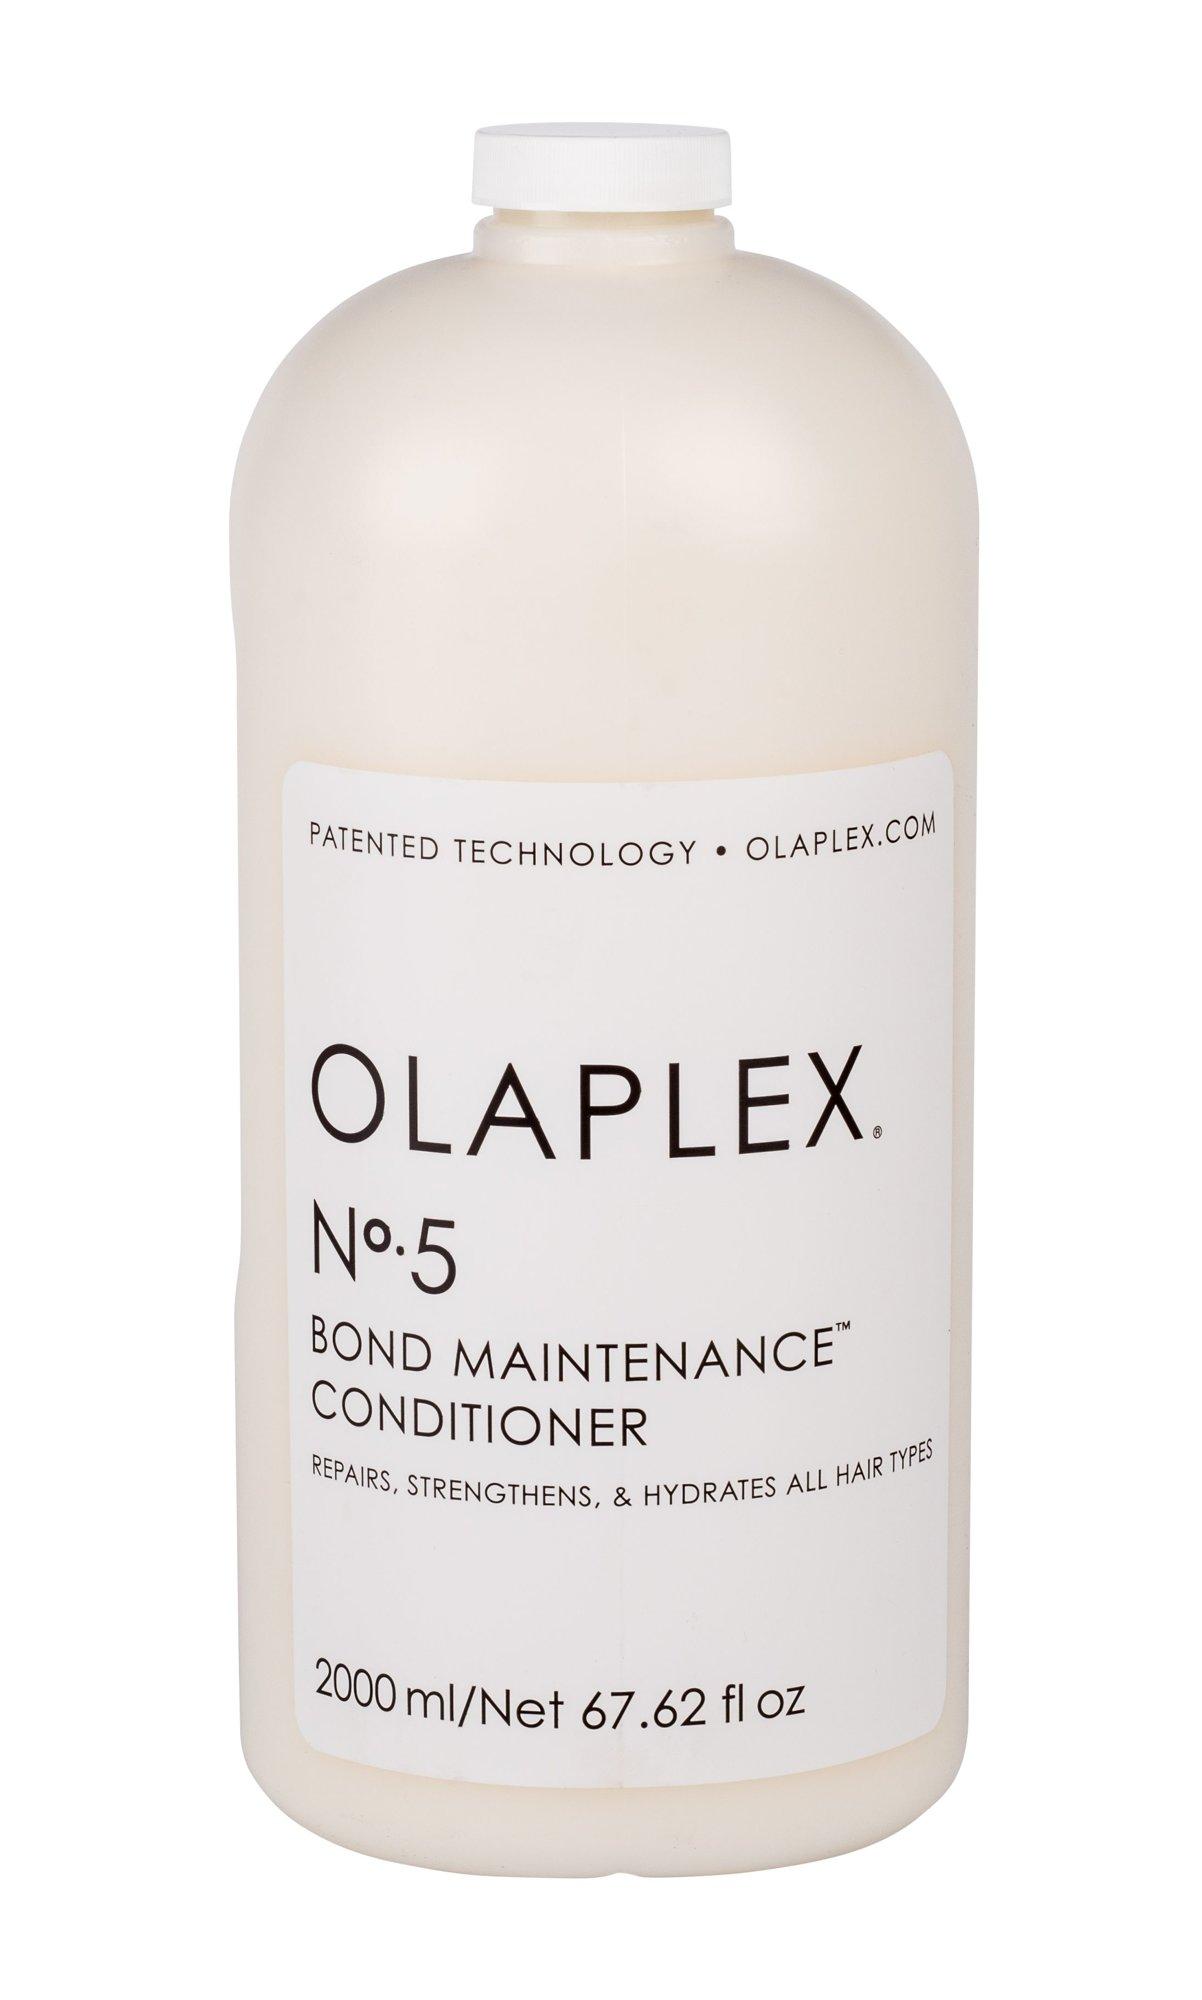 Olaplex Bond Maintenance Conditioner 2000ml